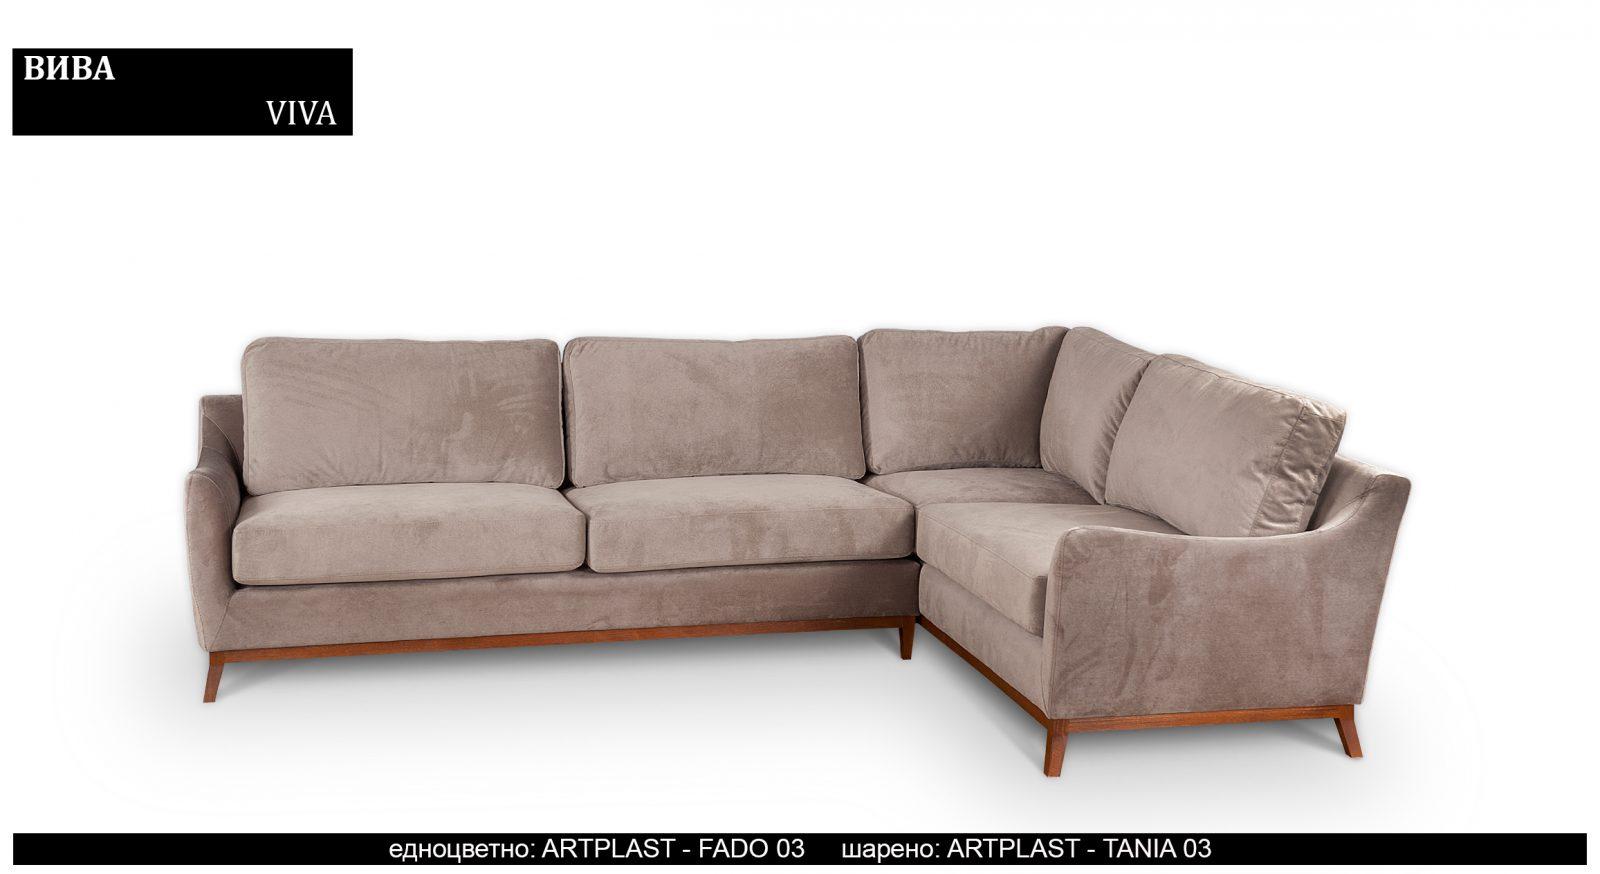 """(Български) Луксозни  ъглови  дивани Руди ан ъглов диван """"ВИВА"""""""